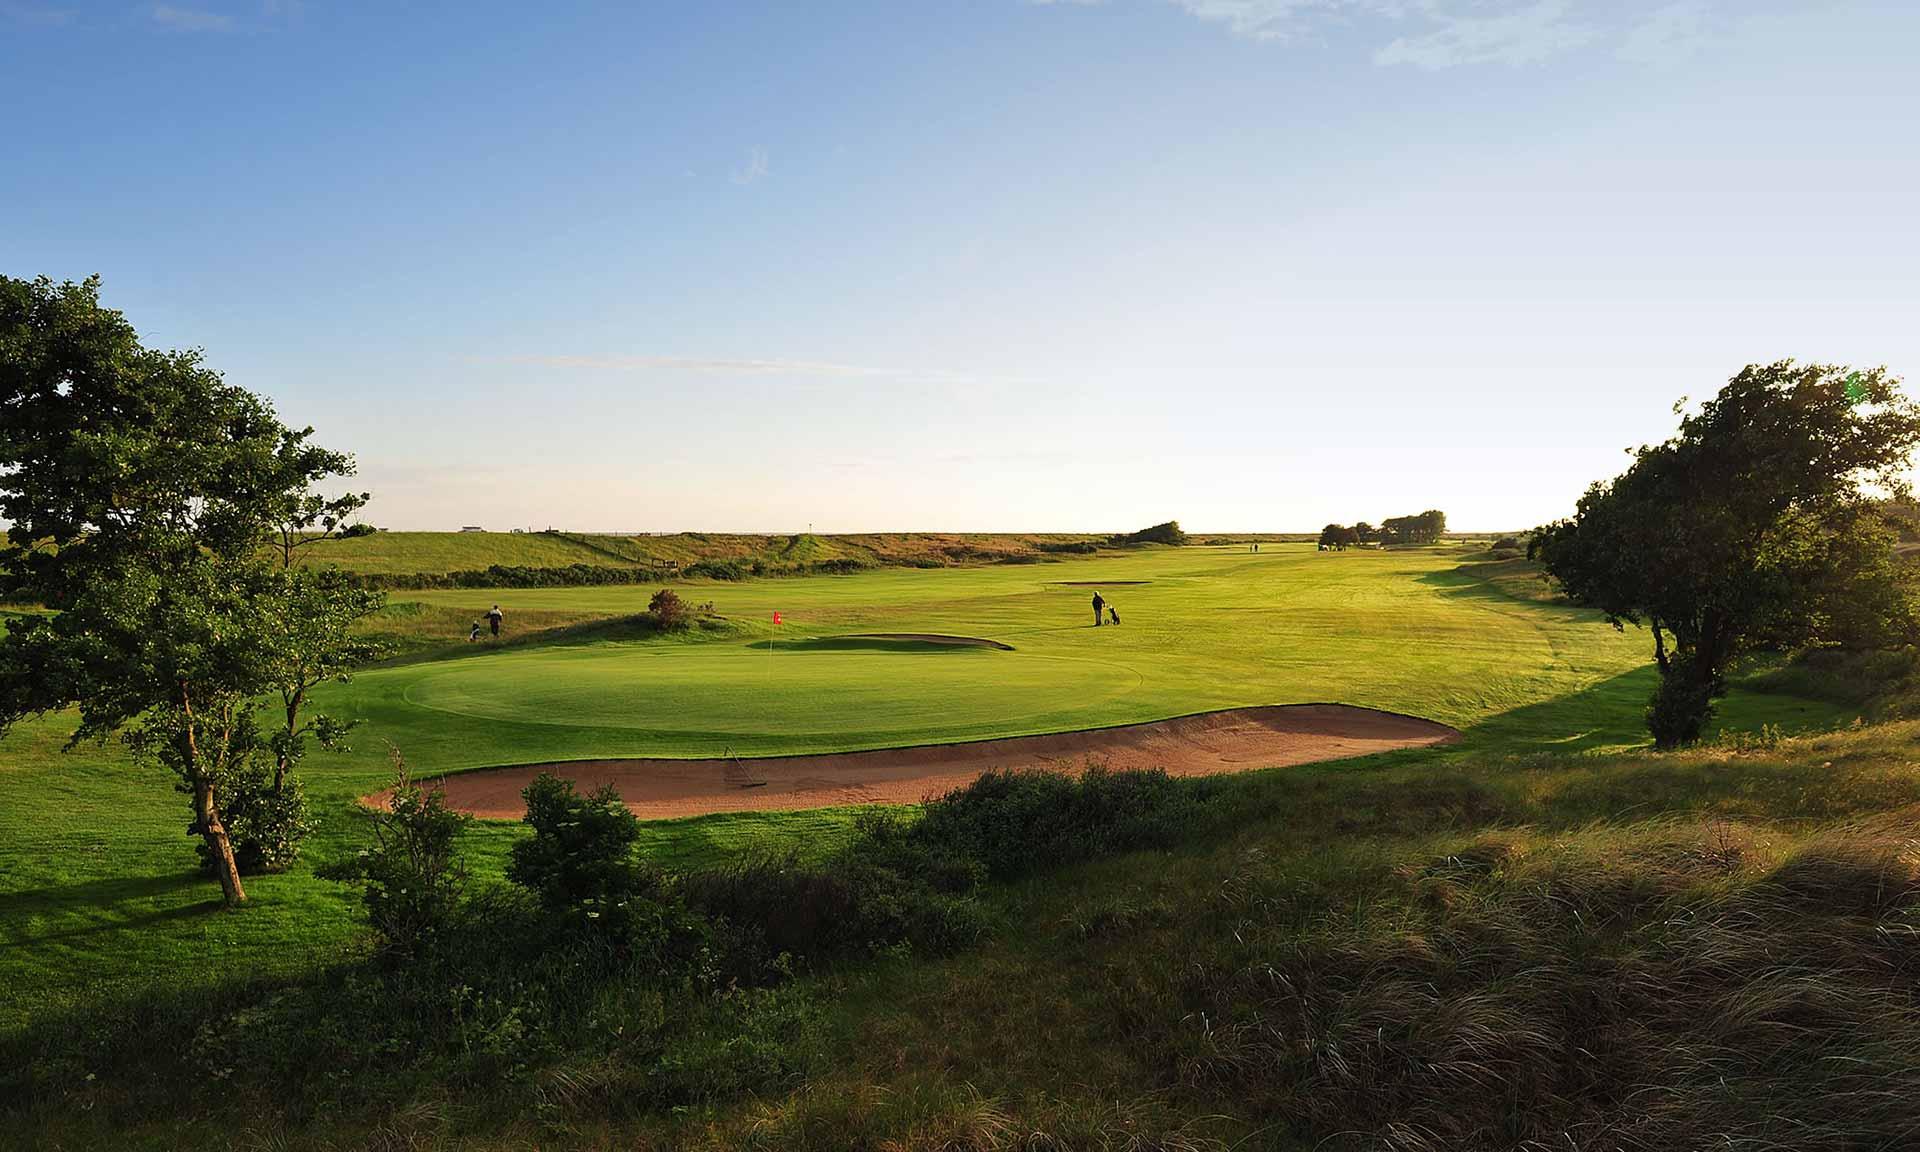 Impressionen Nordsee-Golfclub St. Peter-Ording (Foto: Nordsee-GC St. Peter-Ording)